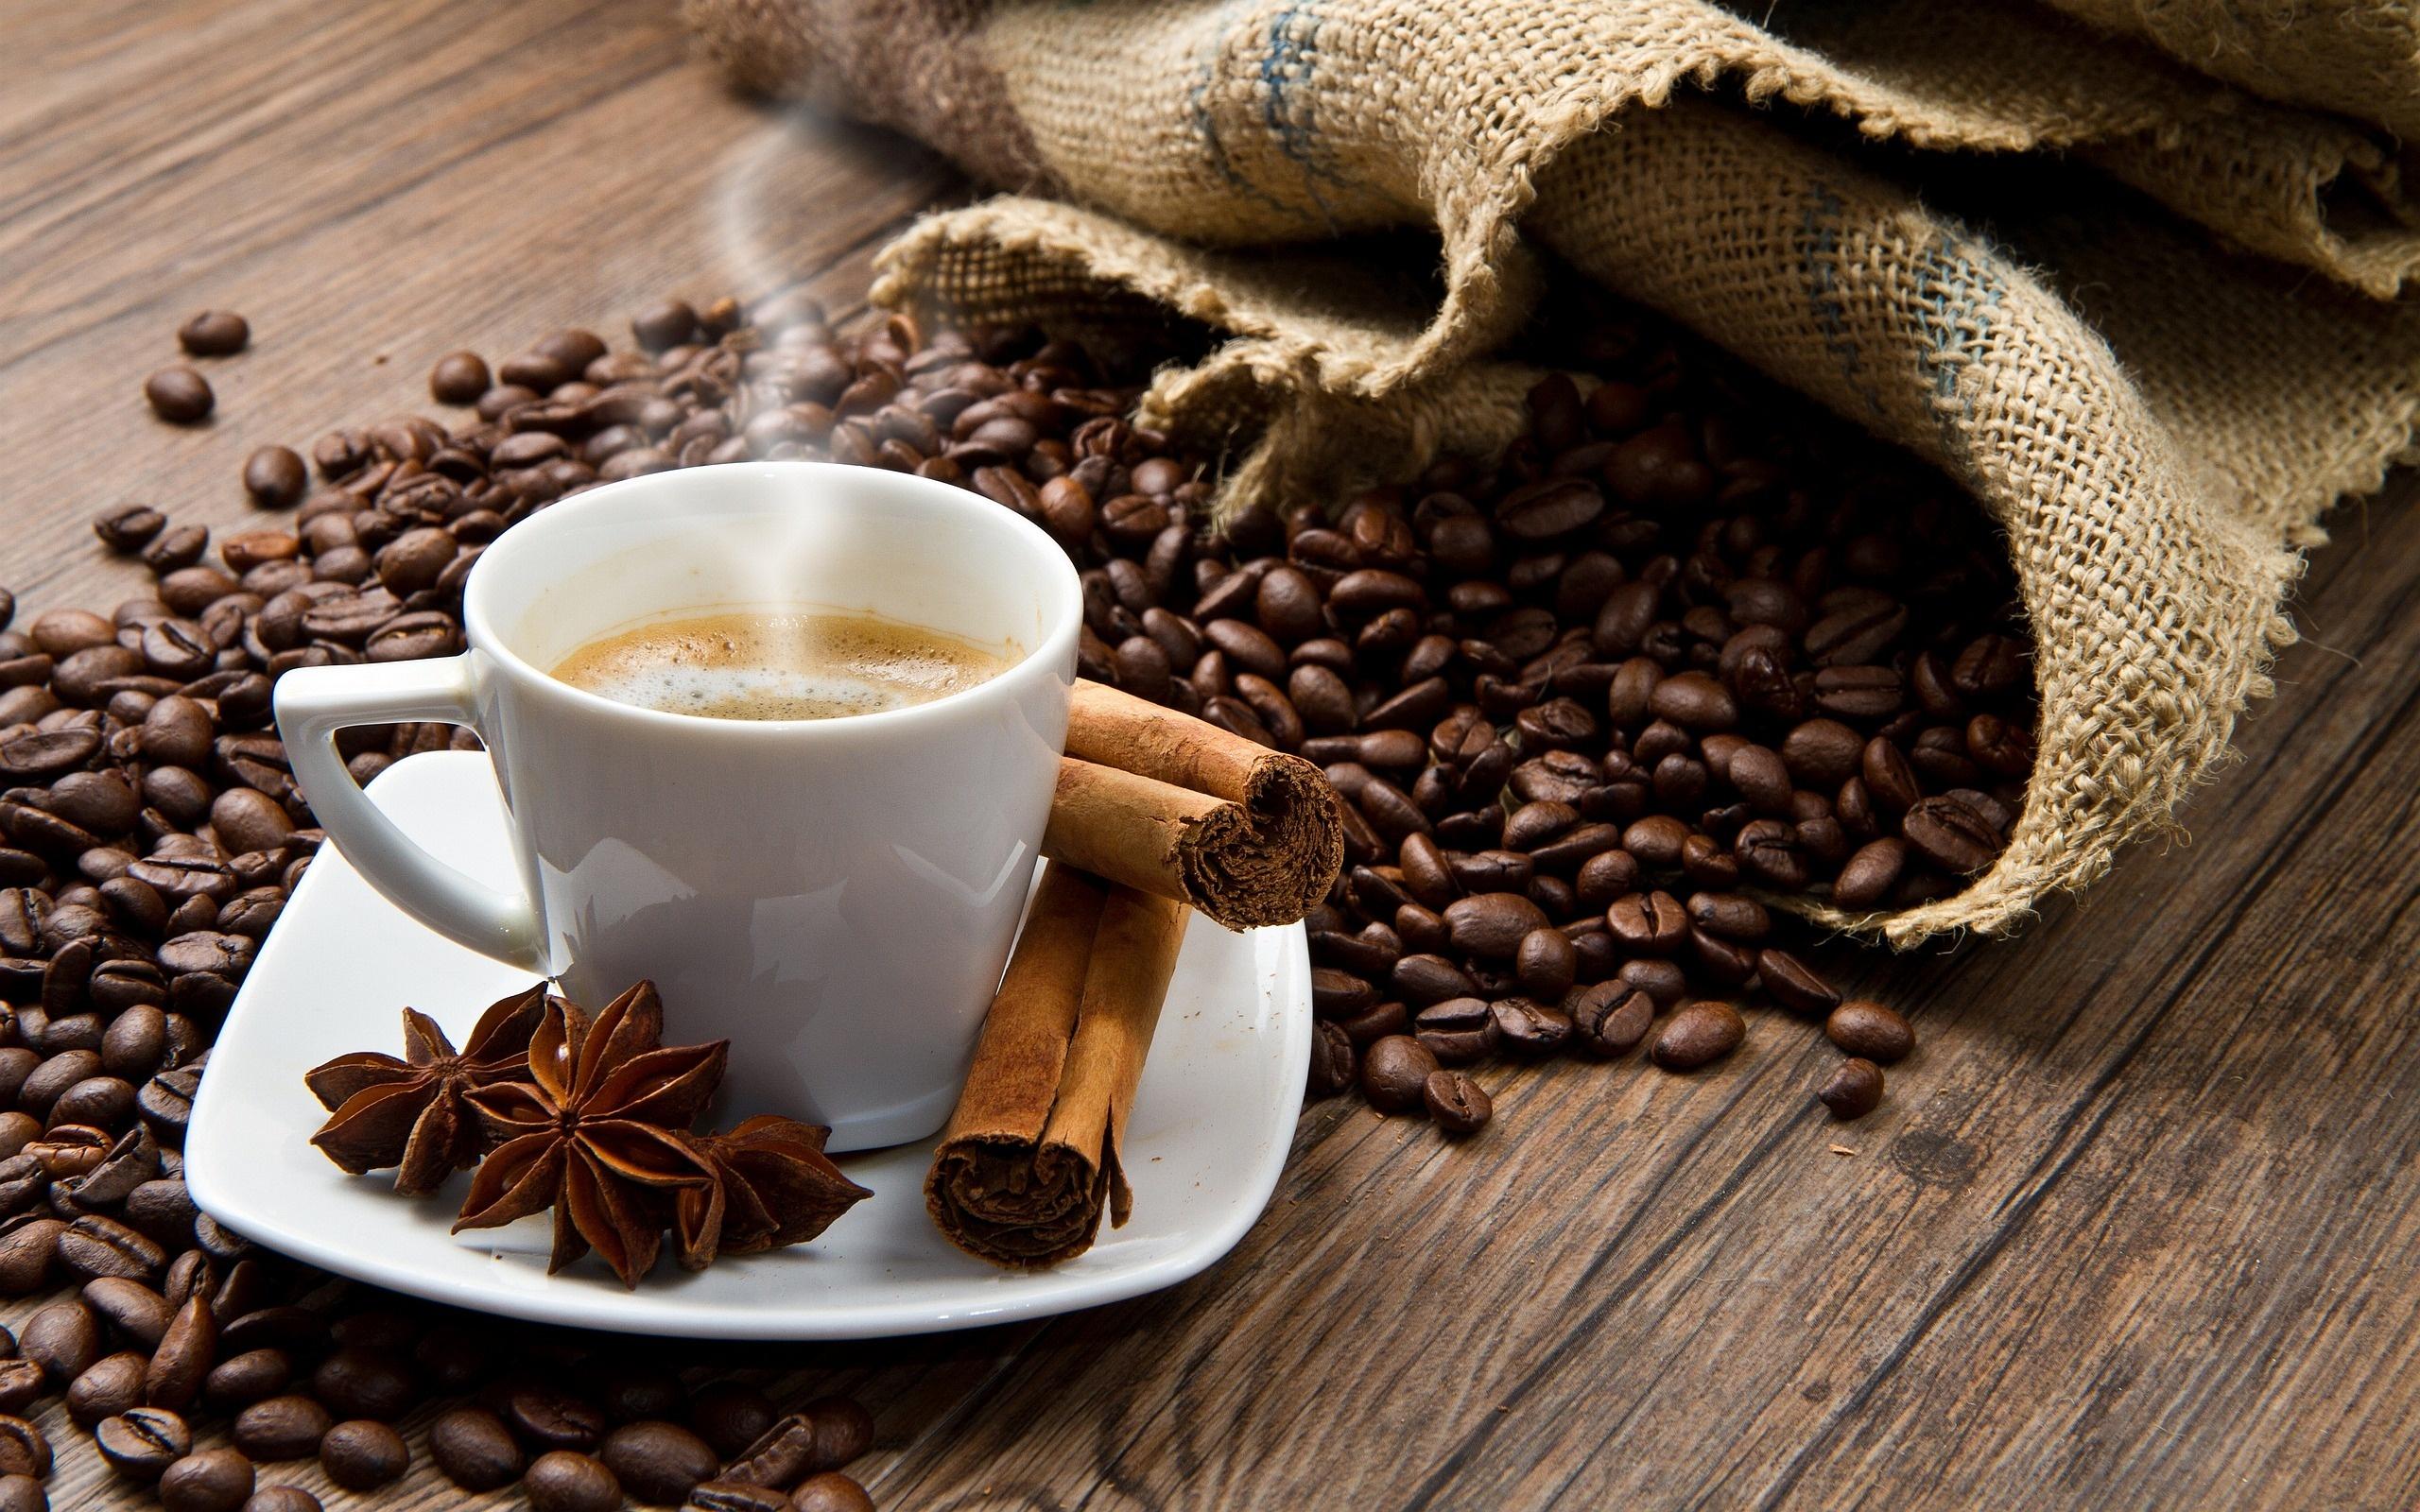 caffein thực phẩm tăng cơ bắp